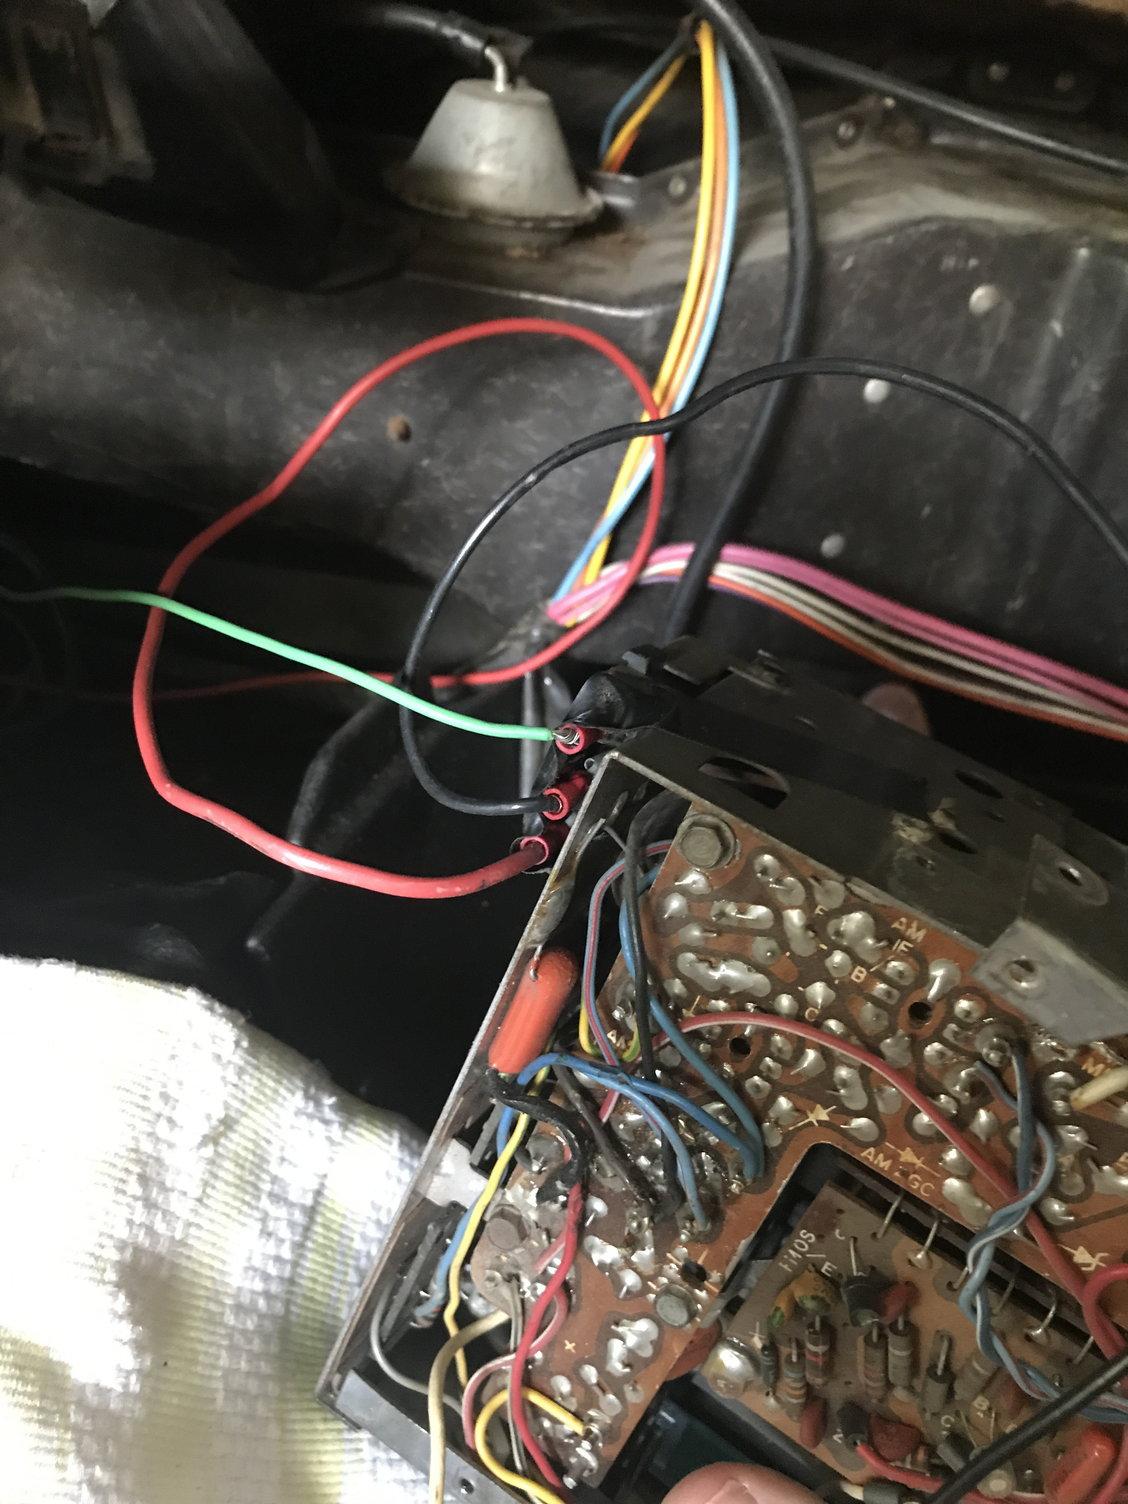 69 C3 Radio Wiring - Corvetteforum